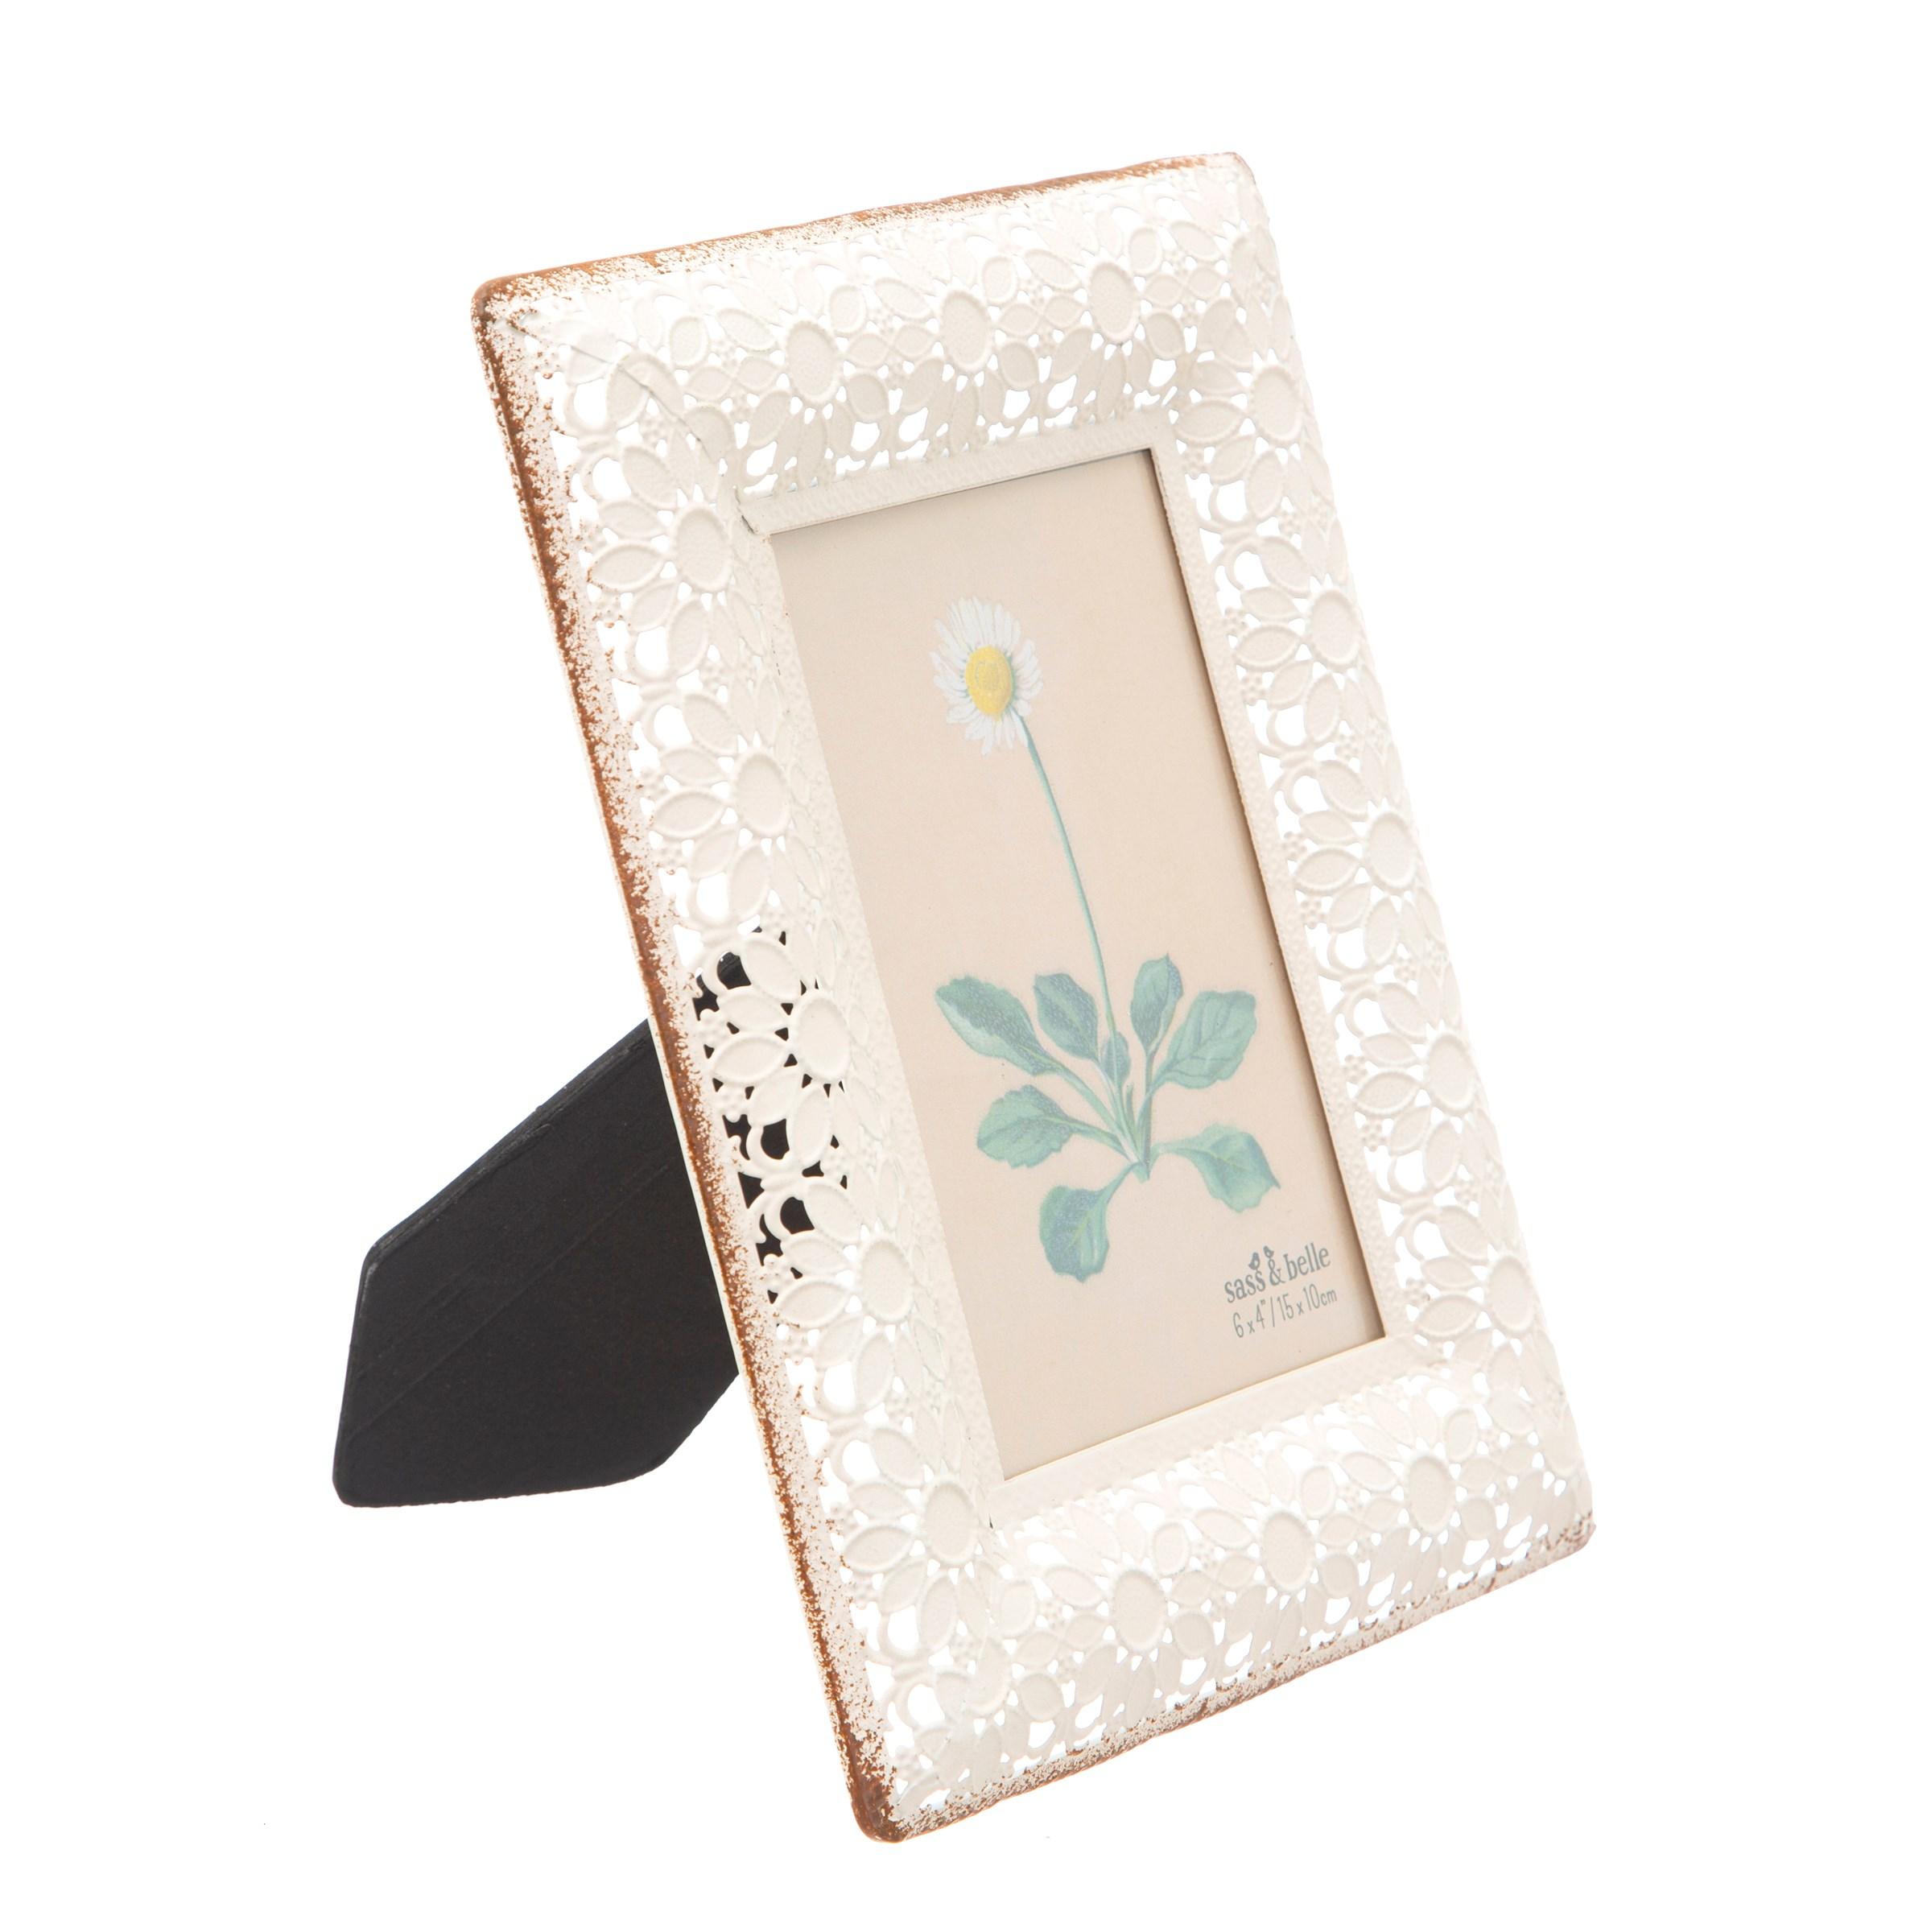 White Floral Frame